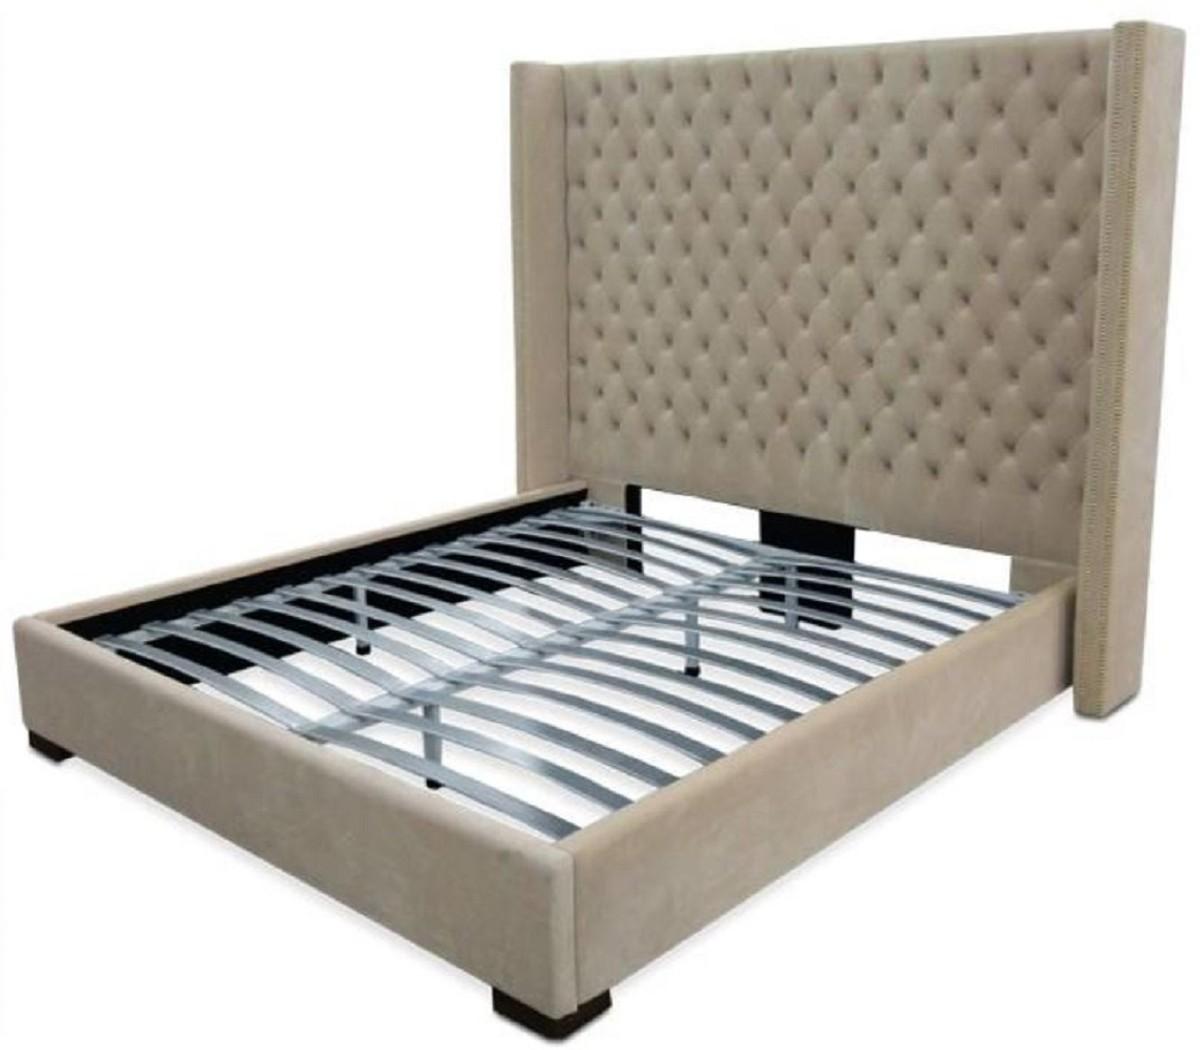 Full Size of Boxspringbett 200x200 Beige Samt 180x200 Sofa Schlafzimmer Set Mit Wohnzimmer Boxspringbett Beige Samt